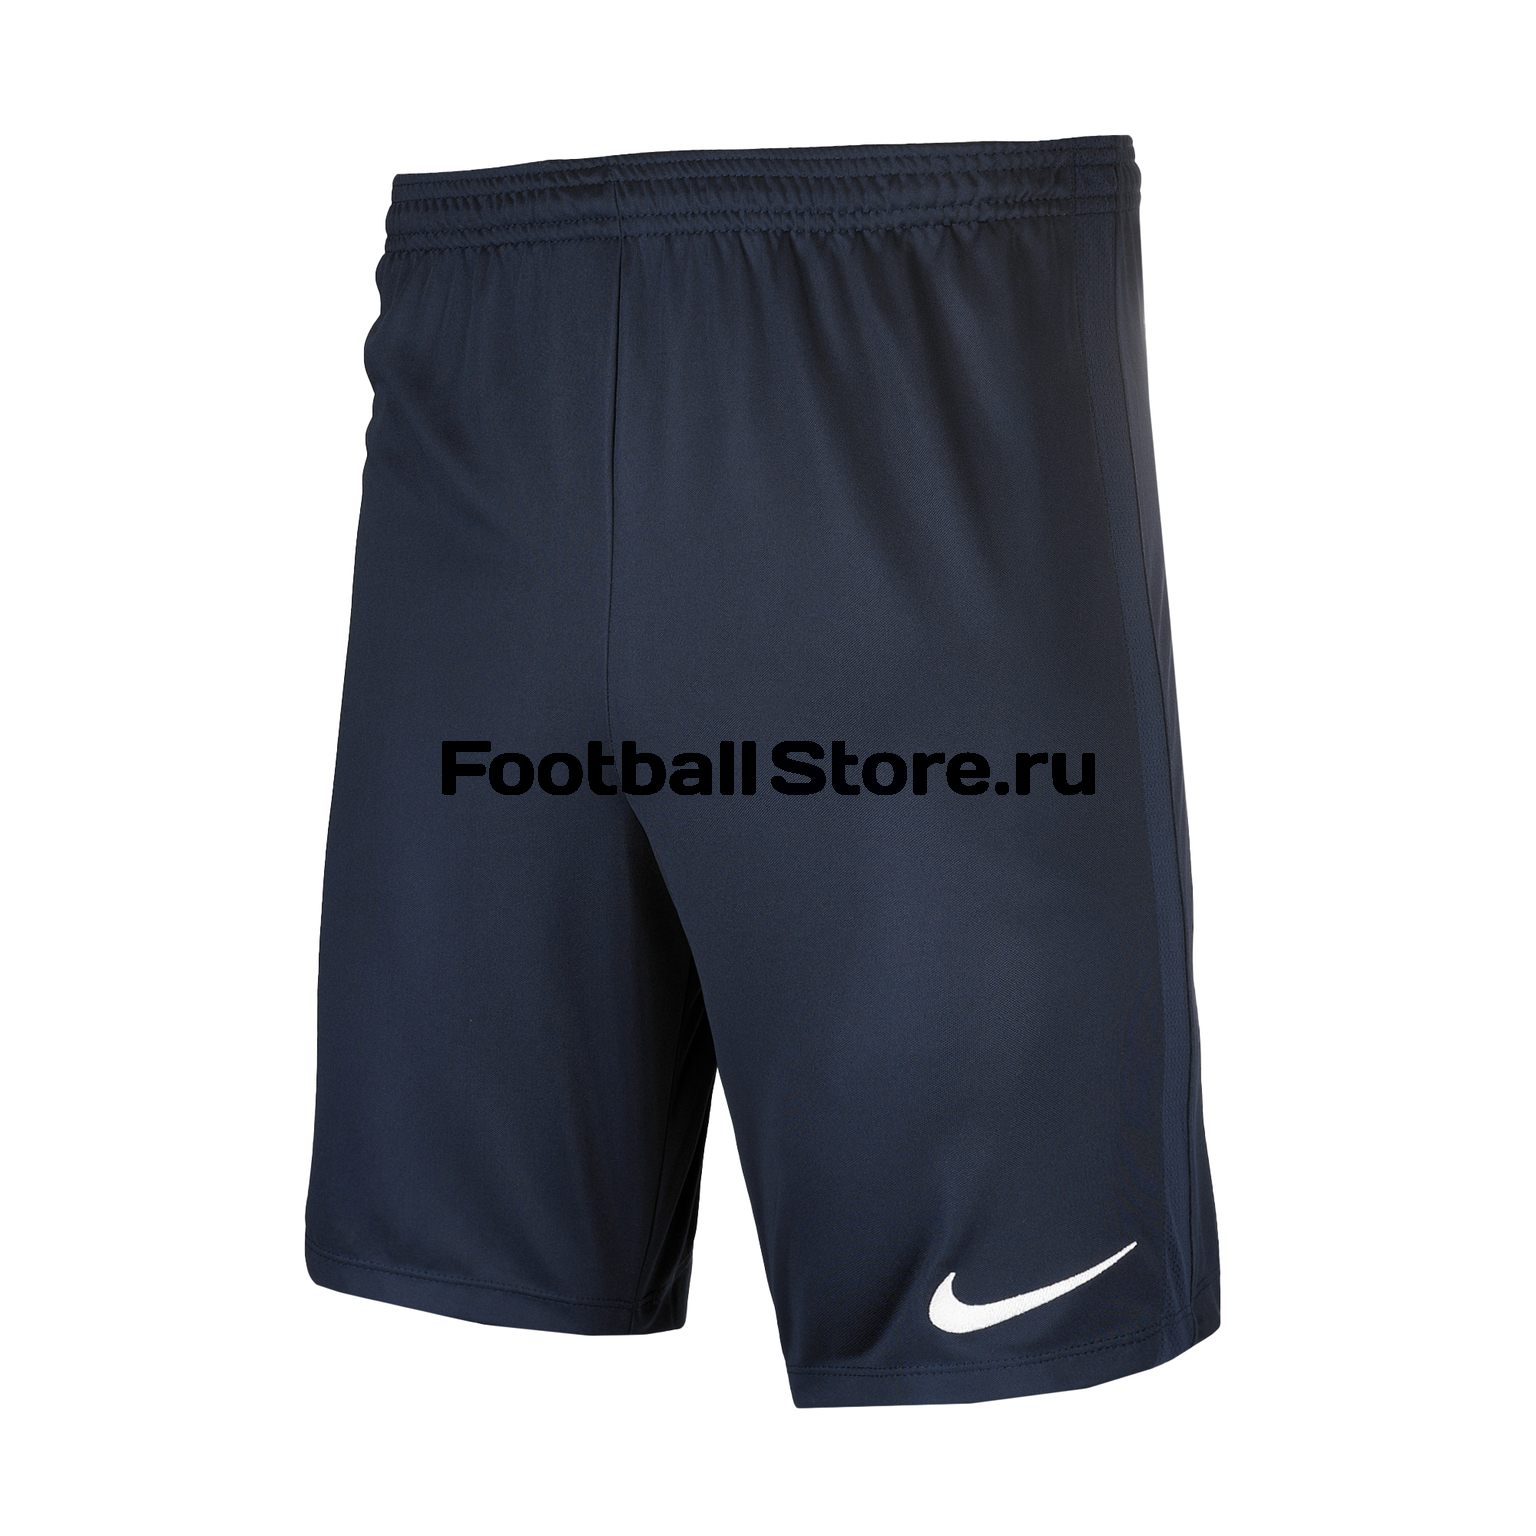 Шорты тренировочные Nike Dry Academy18 Short 893691-451